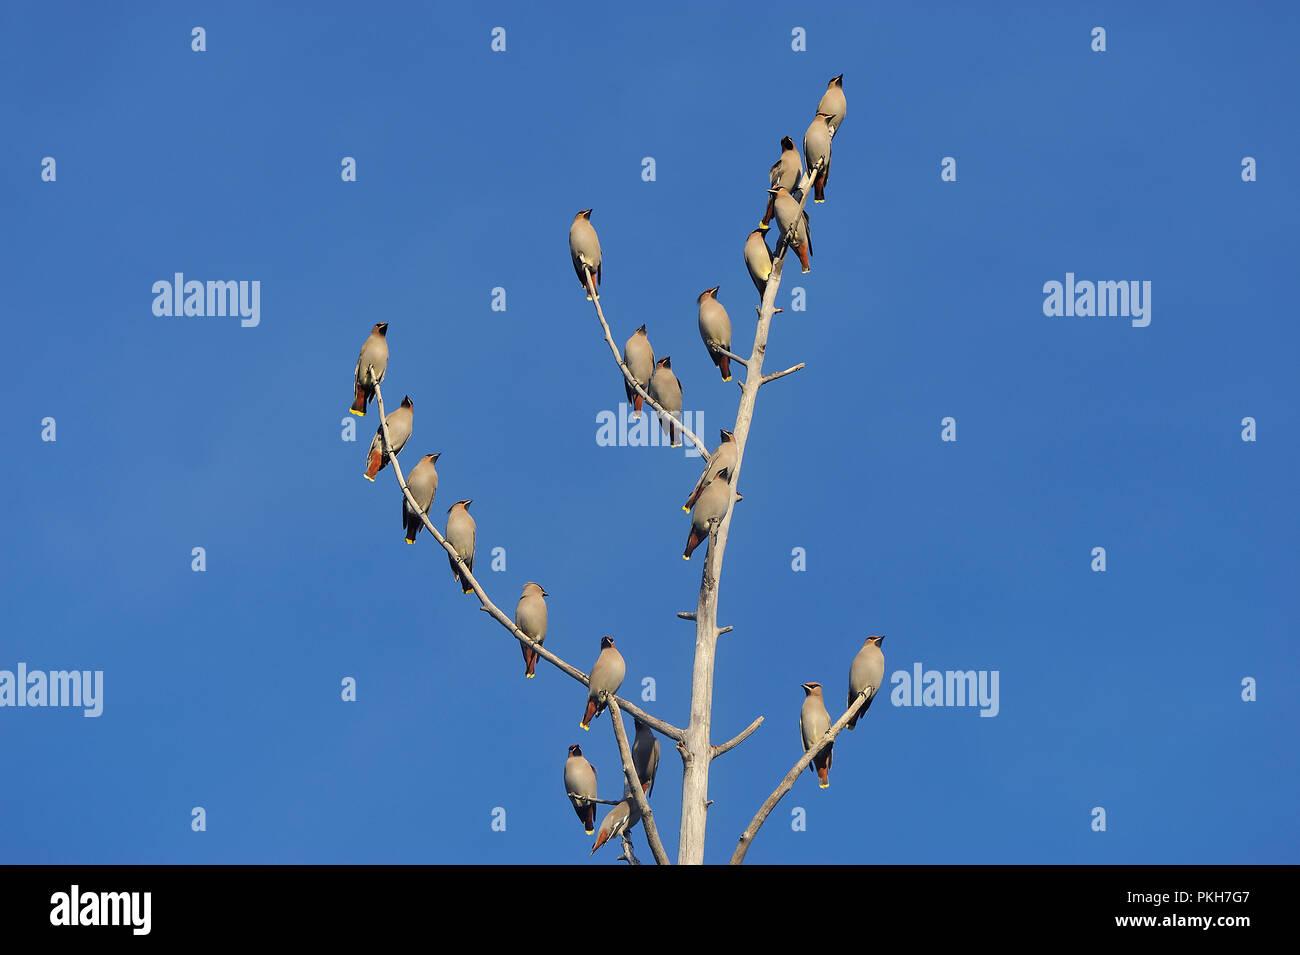 Un gregge di cedro uccelli waxwing appollaiato in un albero morto contro un cielo blu sullo sfondo nelle zone rurali di Alberta in Canada. Foto Stock